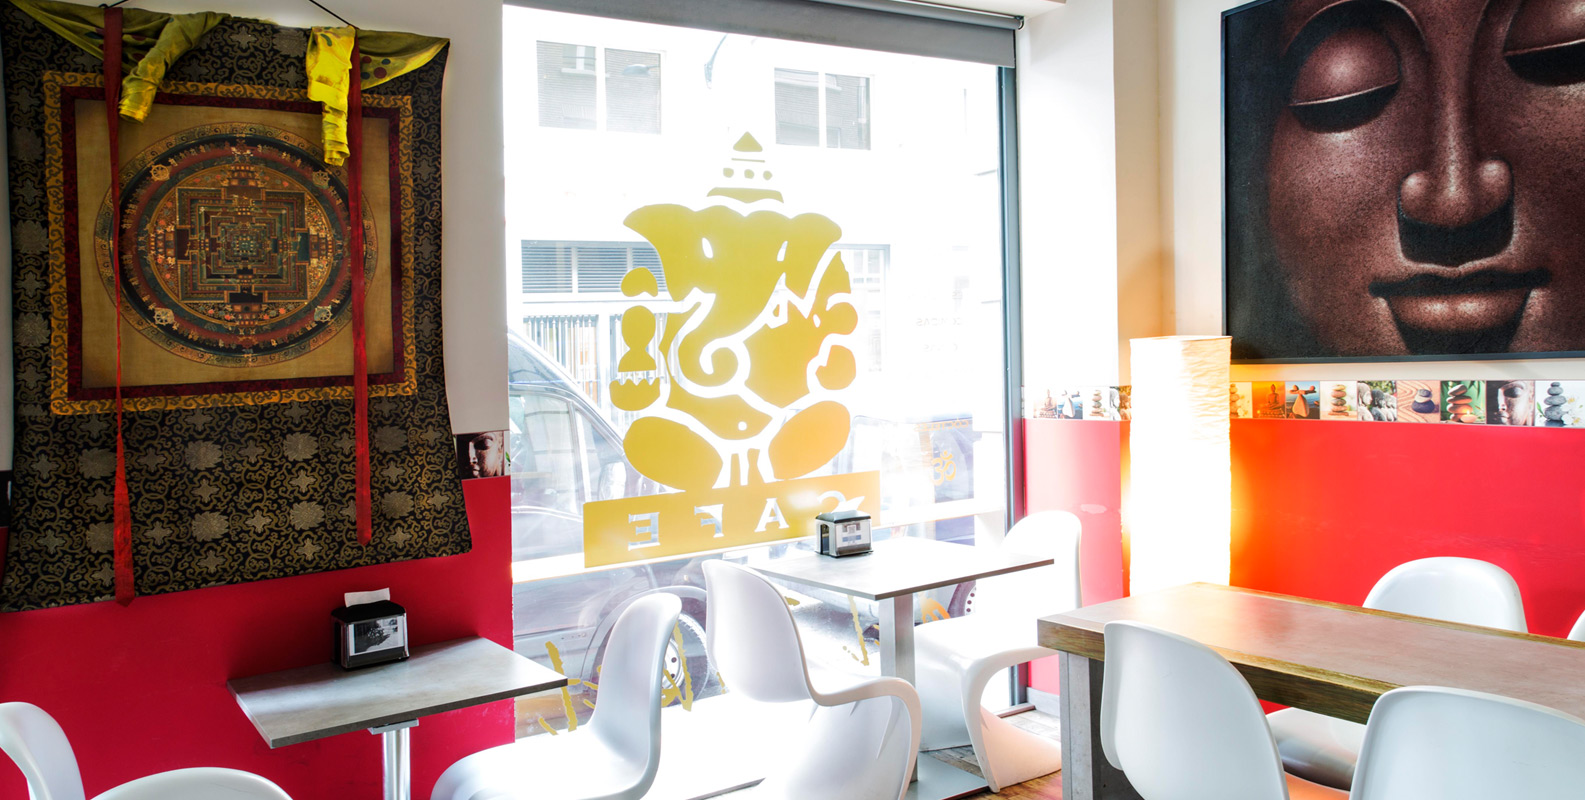 Café del Tíbet. Zurita 4, Zaragoza. Restaurante y Cafetería, ambiente y cultura Tibetana, Nepalí e HIndú